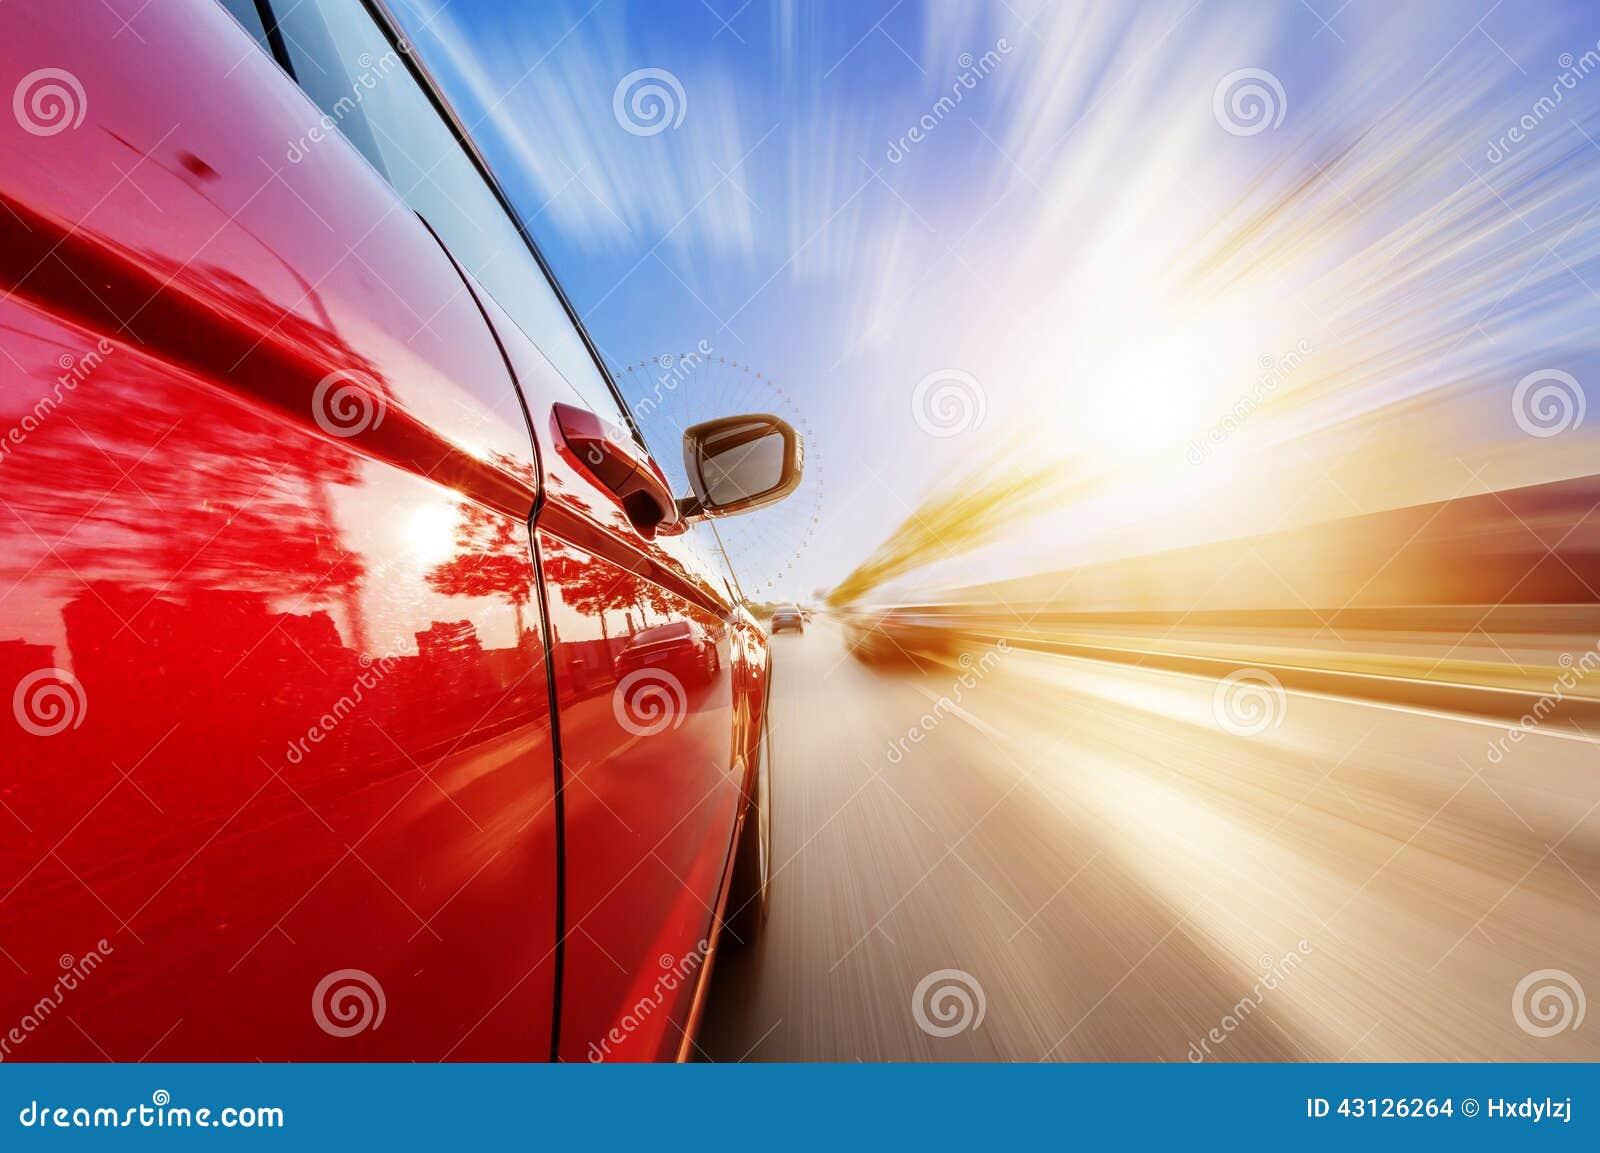 Carro na estrada com fundo do borrão de movimento